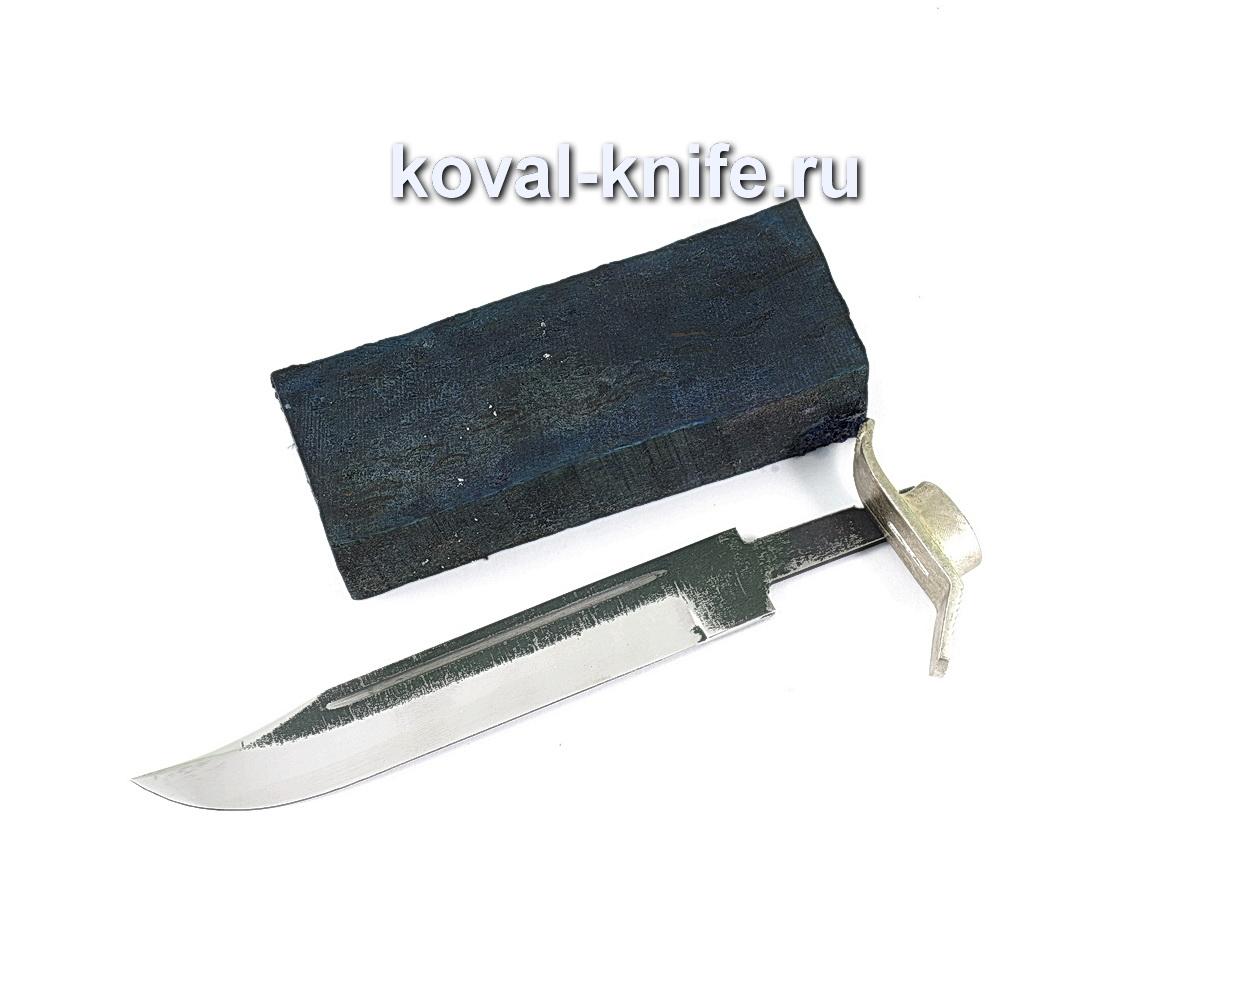 Комплект для ножа НР-40 5 (клинок кованая 110х18 3,5-5мм, литье 1шт., граб брусок)